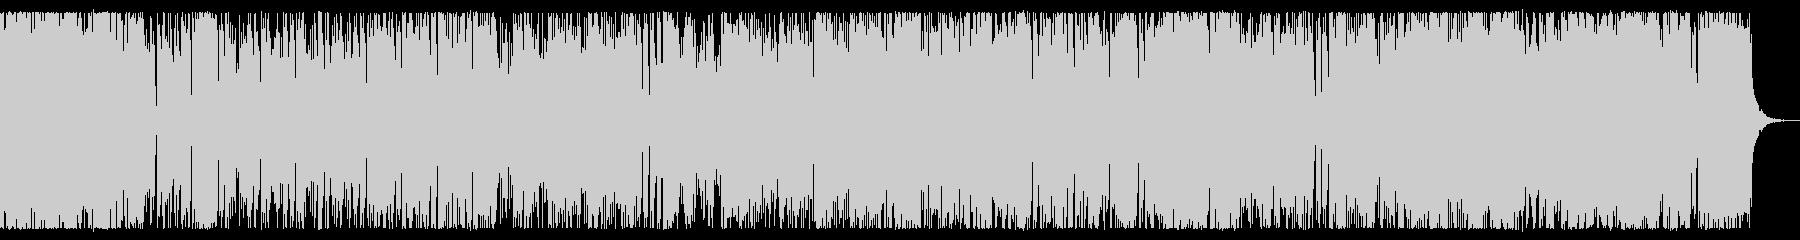 疾走感のあるクールなチップチューンの未再生の波形